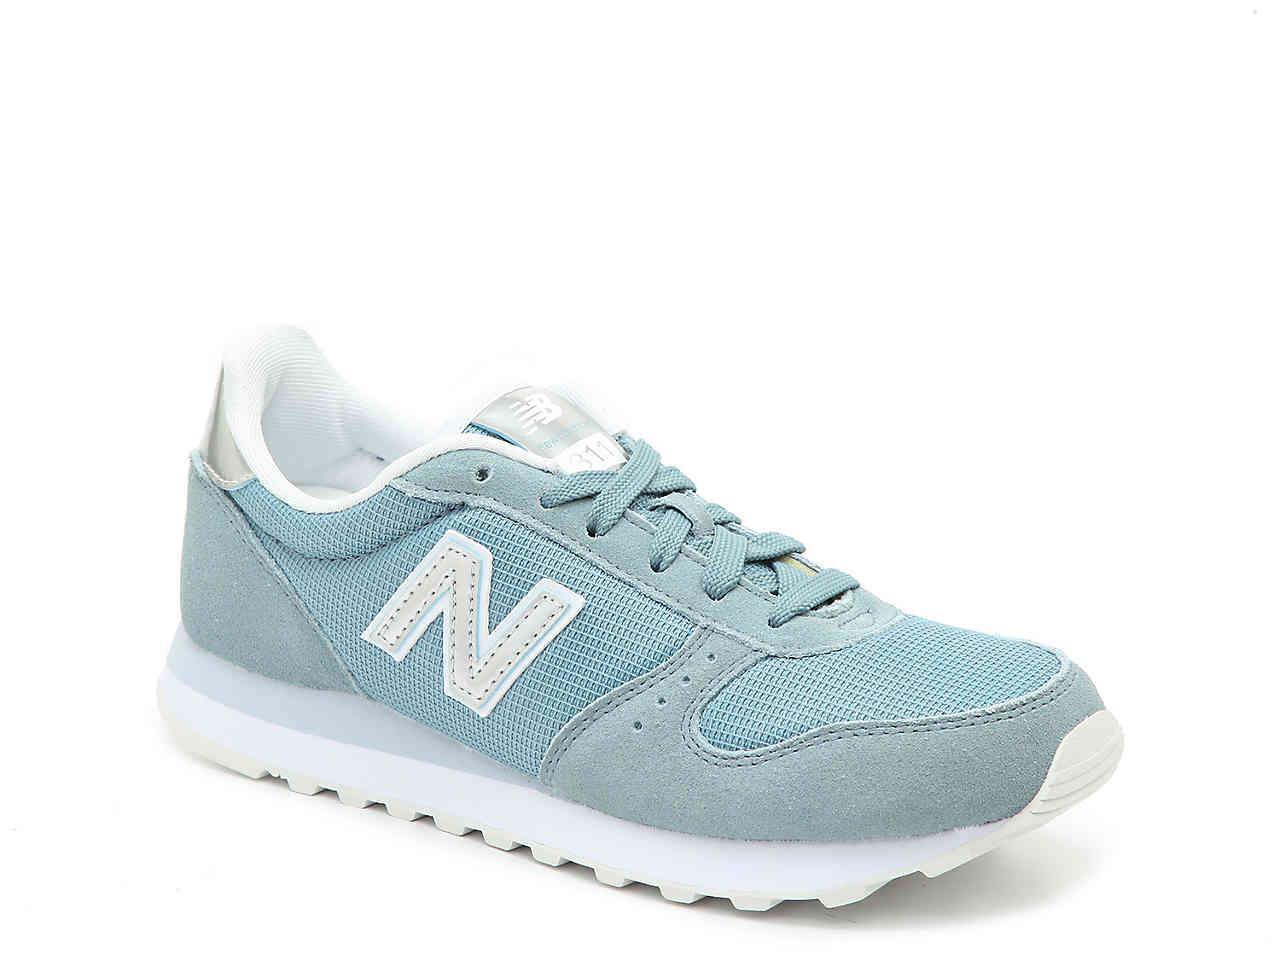 New Balance Fleece 311 Sneaker in Light Blue (Blue) - Lyst